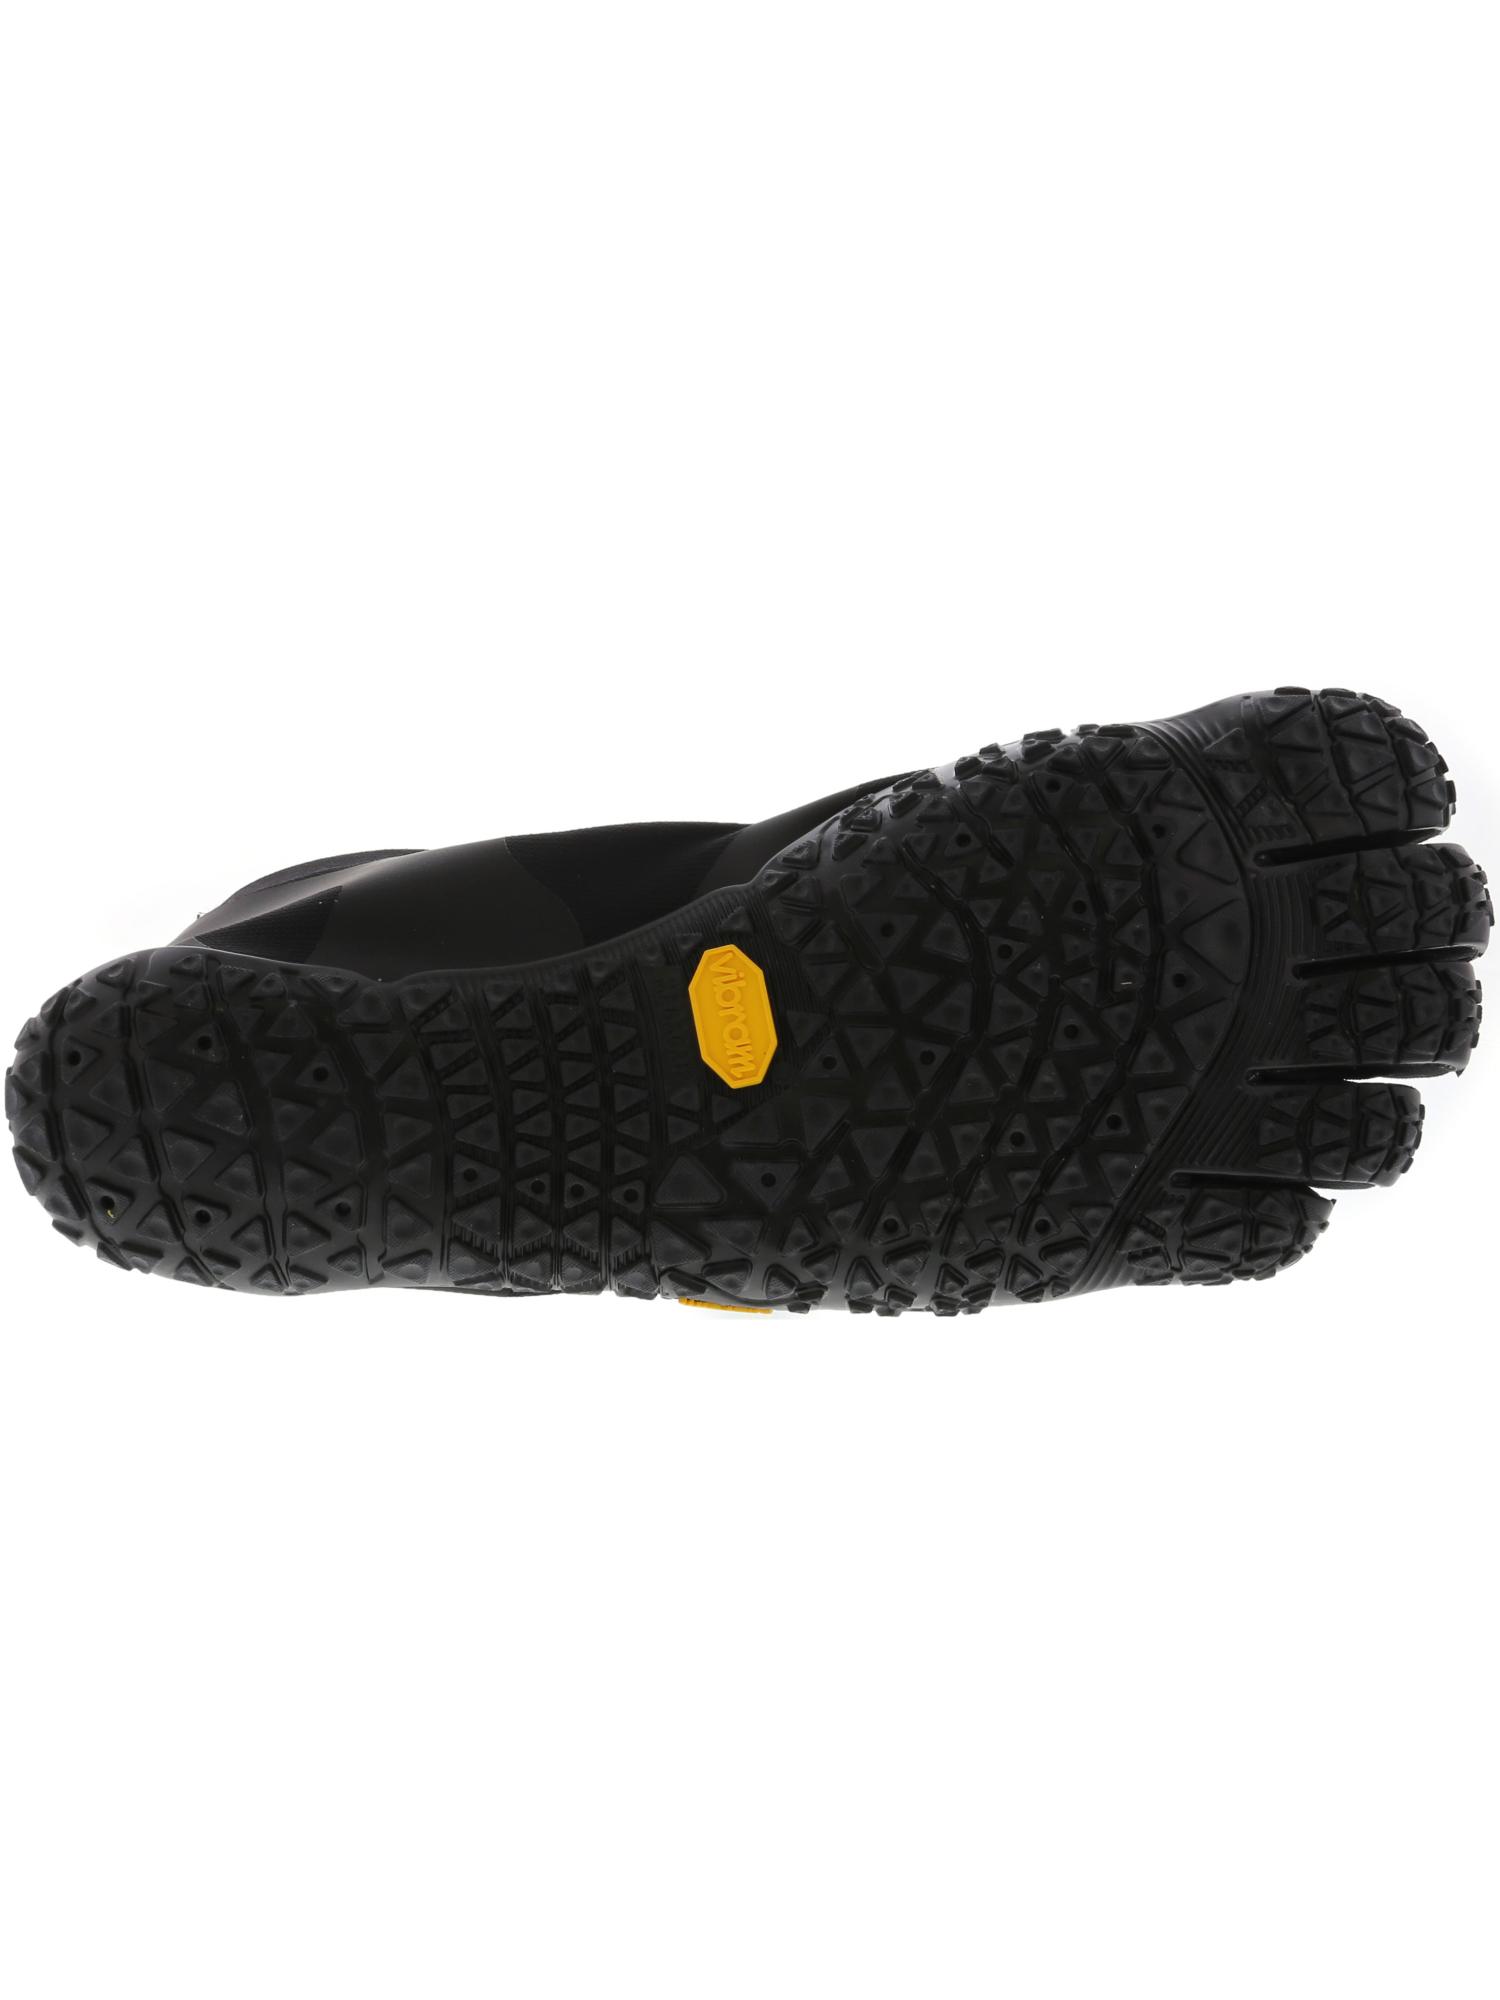 dfd46c3a9351 Vibram Fivefingers Mens V-alpha Black Size EU 45 for sale online